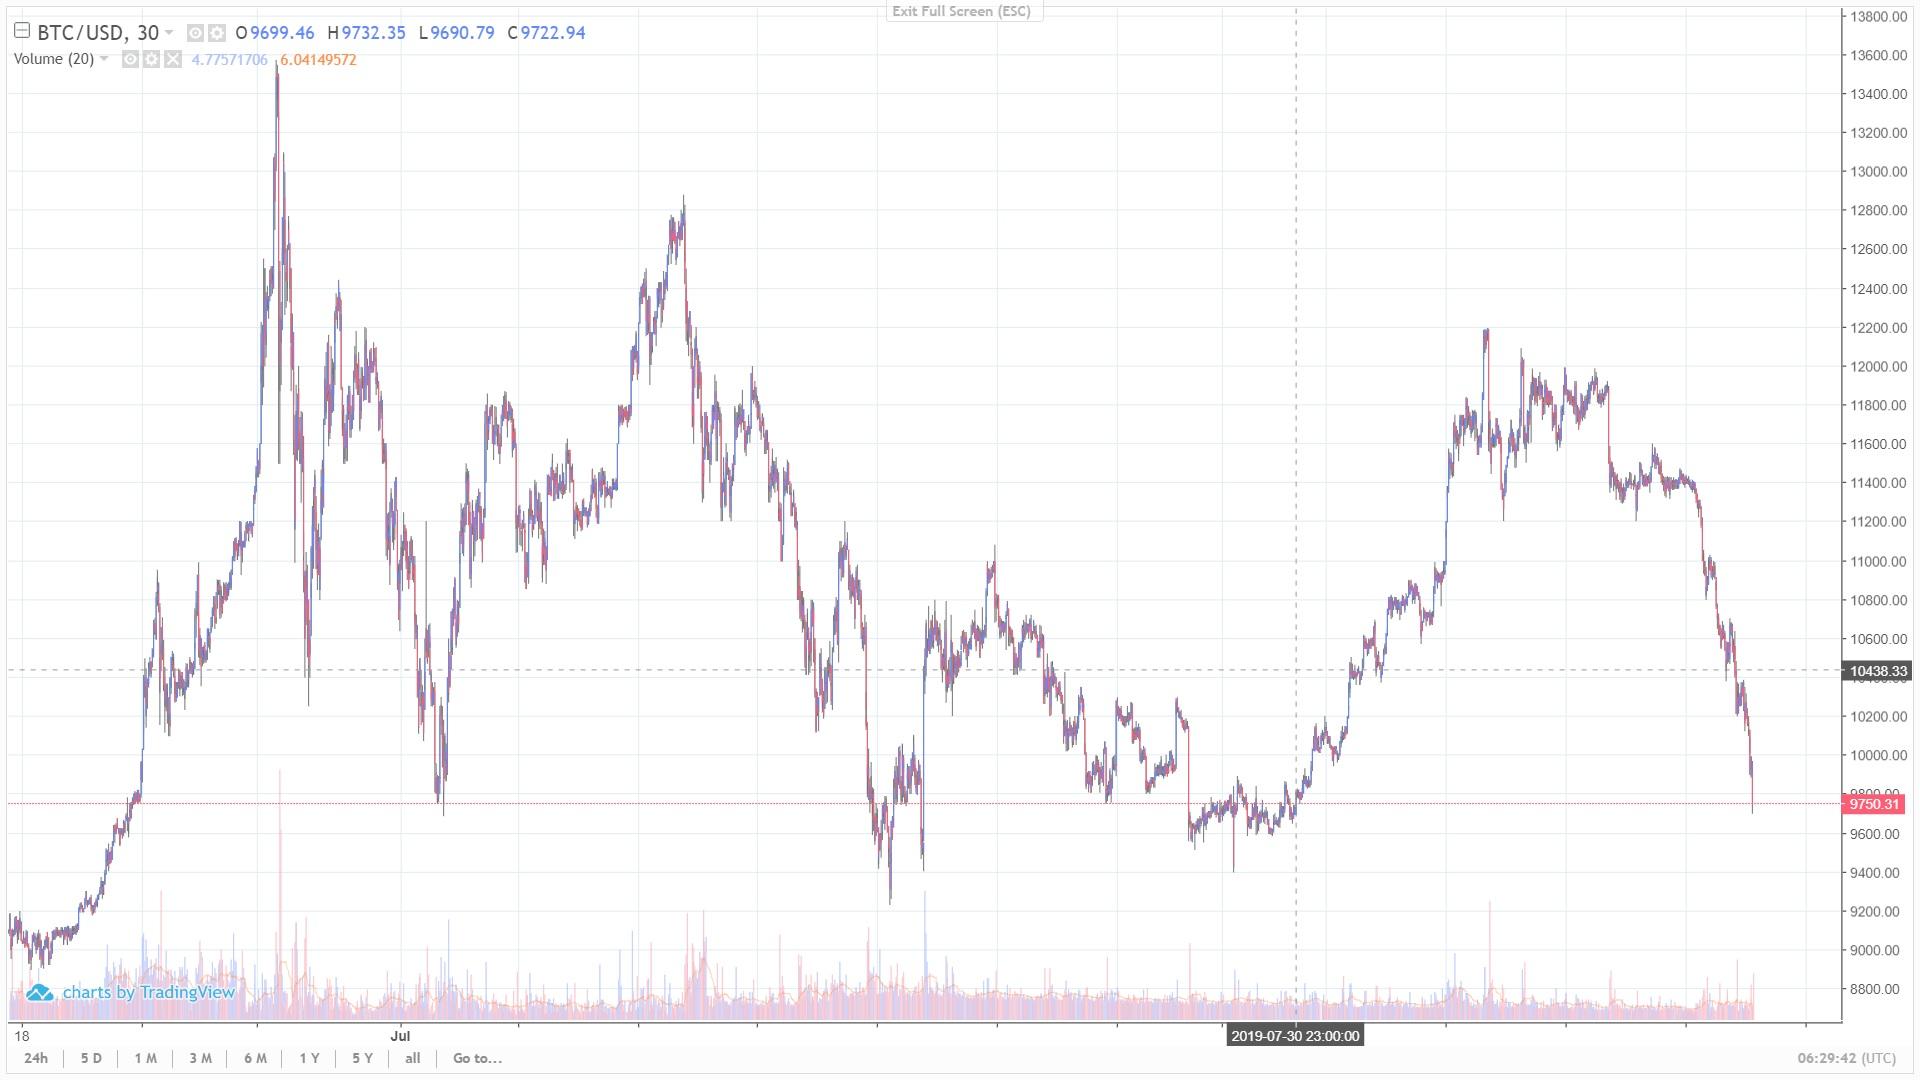 Курс bitcoin опустился ниже $10 тыс. и продолжает падать